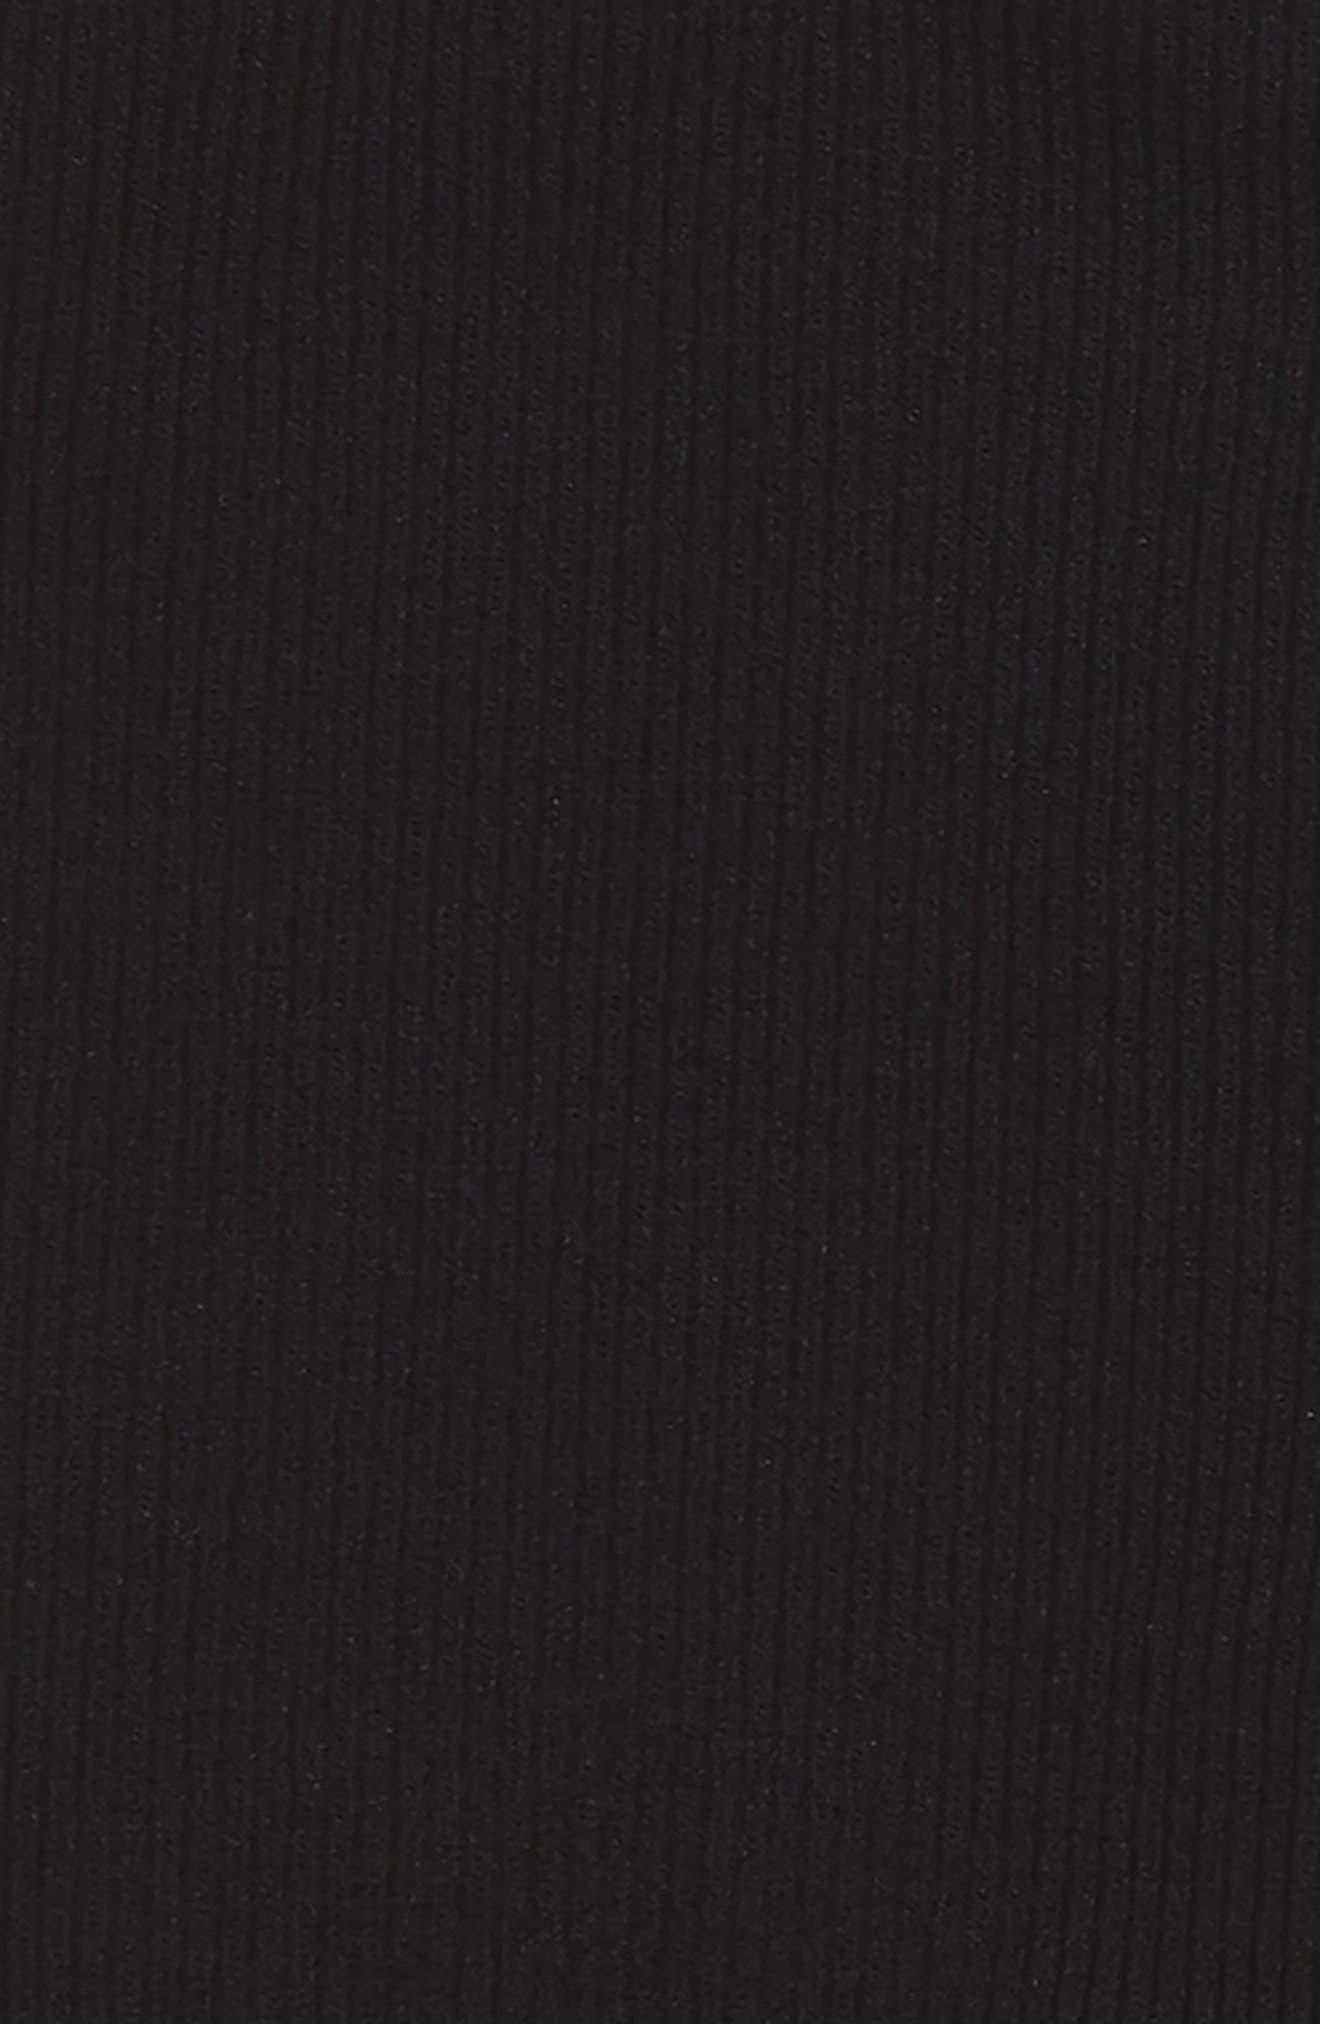 Criss Cross Bandeau Bralette,                             Main thumbnail 1, color,                             BLACK